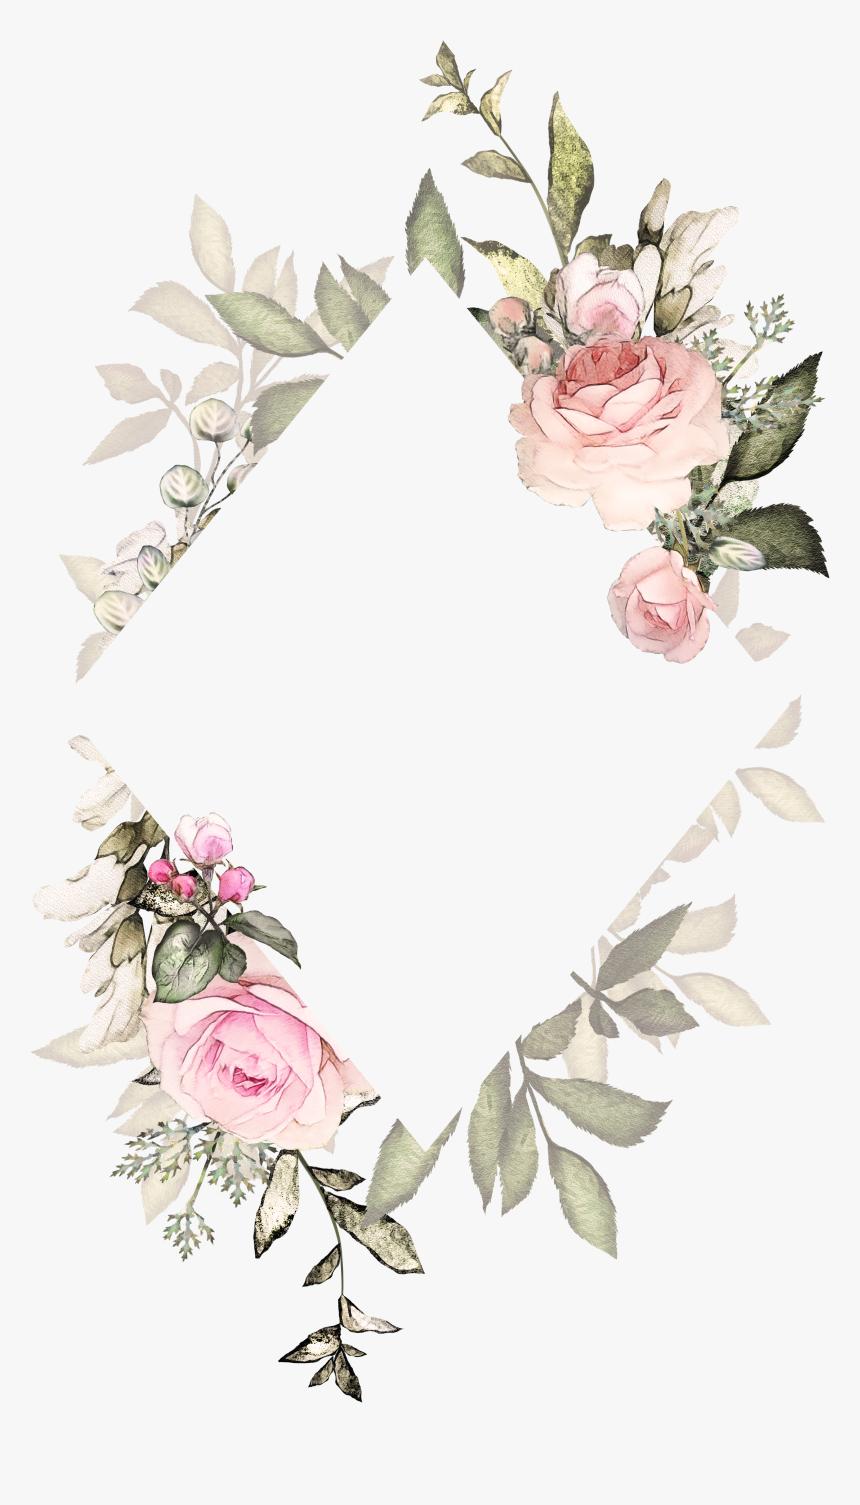 Wedding Invitation Transparent Background Hd Png Download Transparent Png Image Pngitem